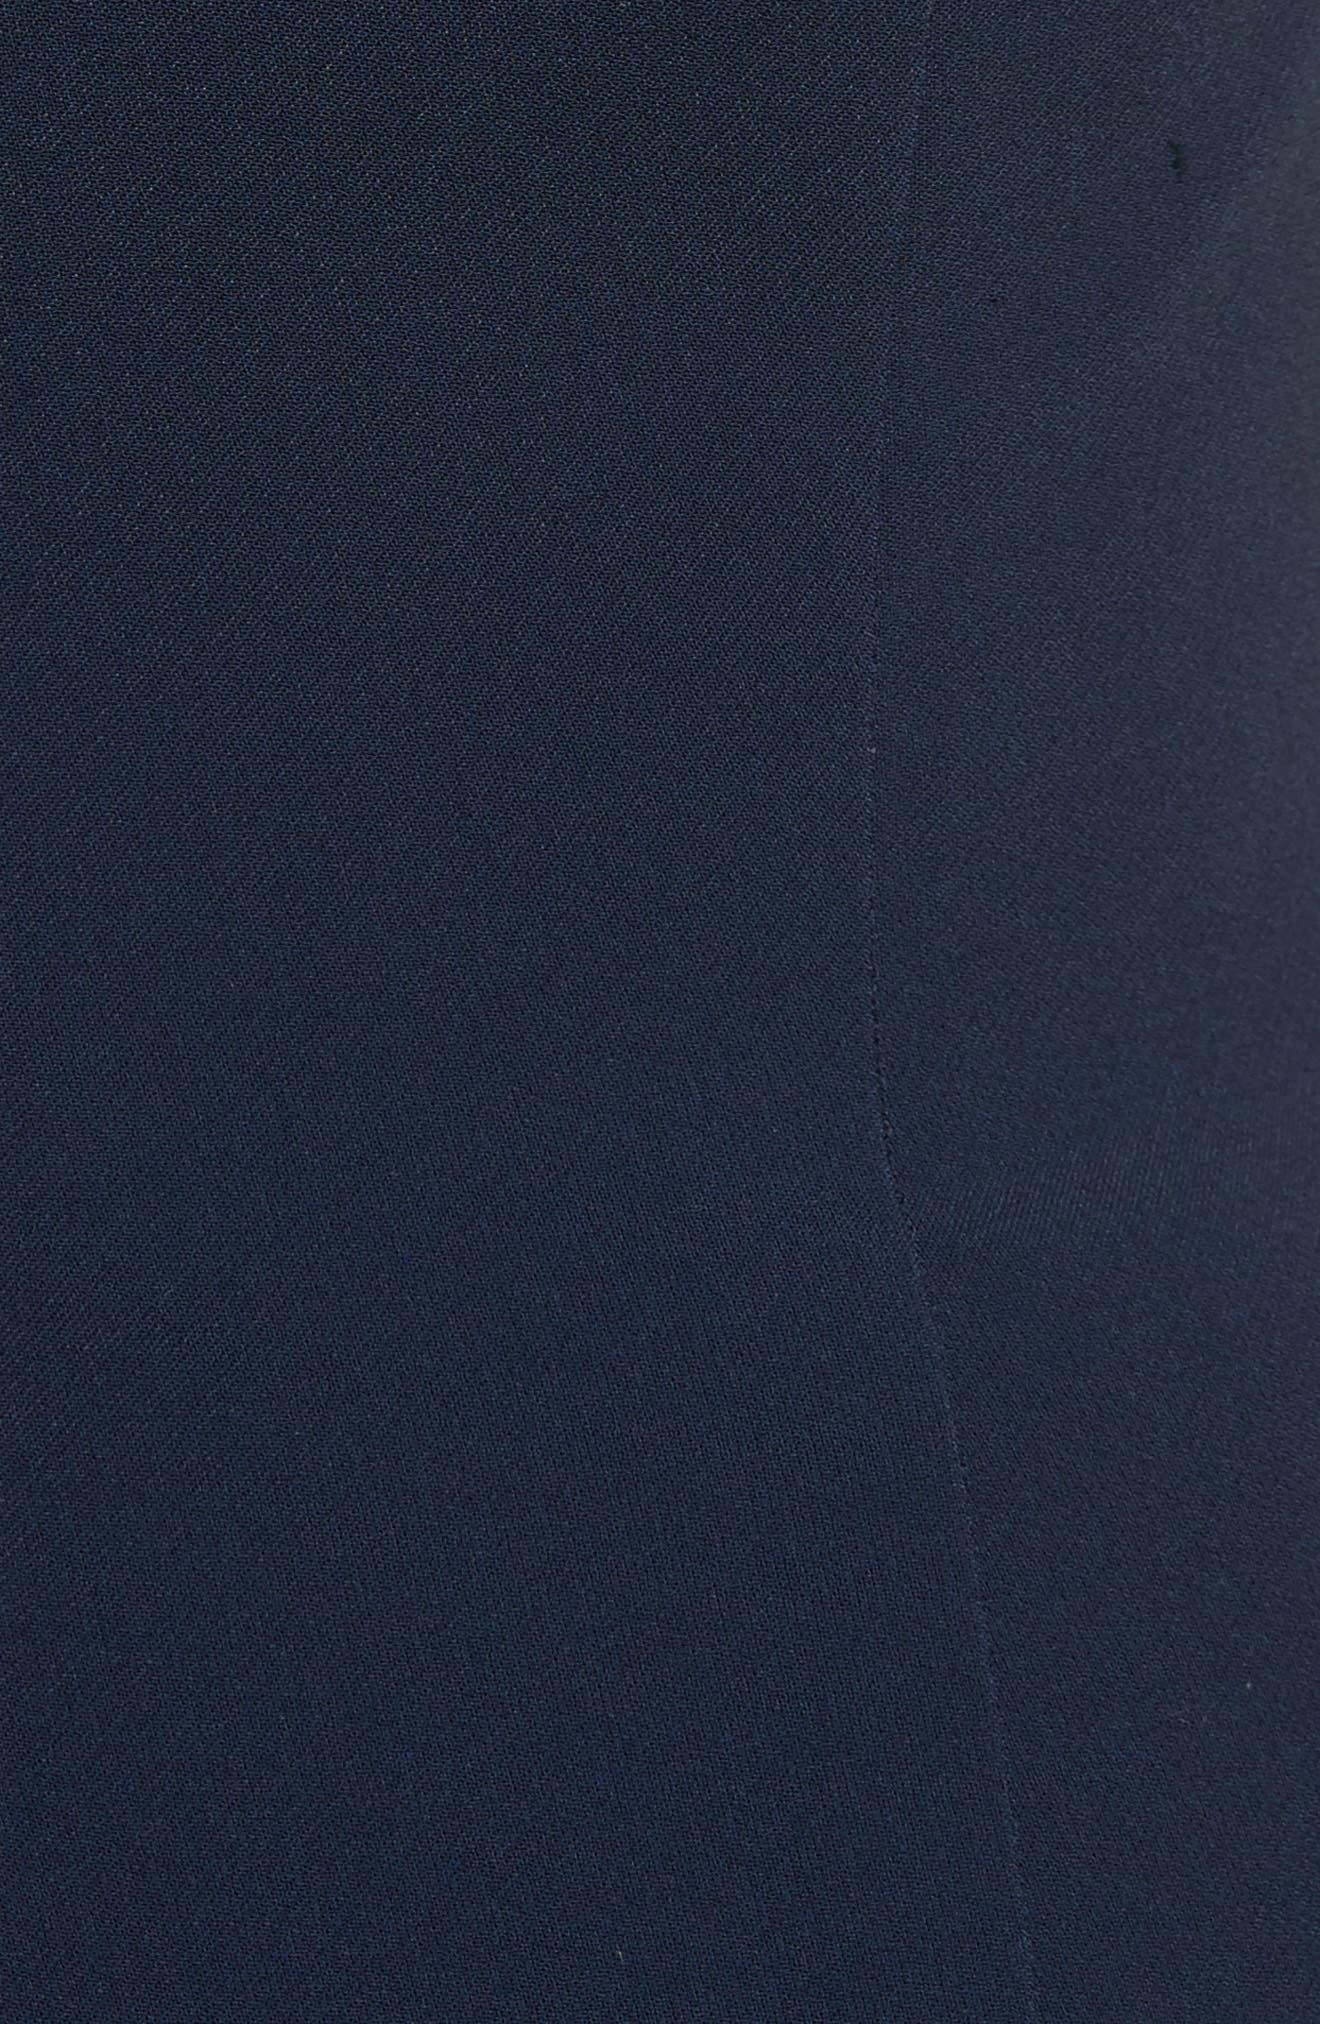 Lace Appliqué Crepe Off the Shoulder Trumpet Dress,                             Alternate thumbnail 5, color,                             493